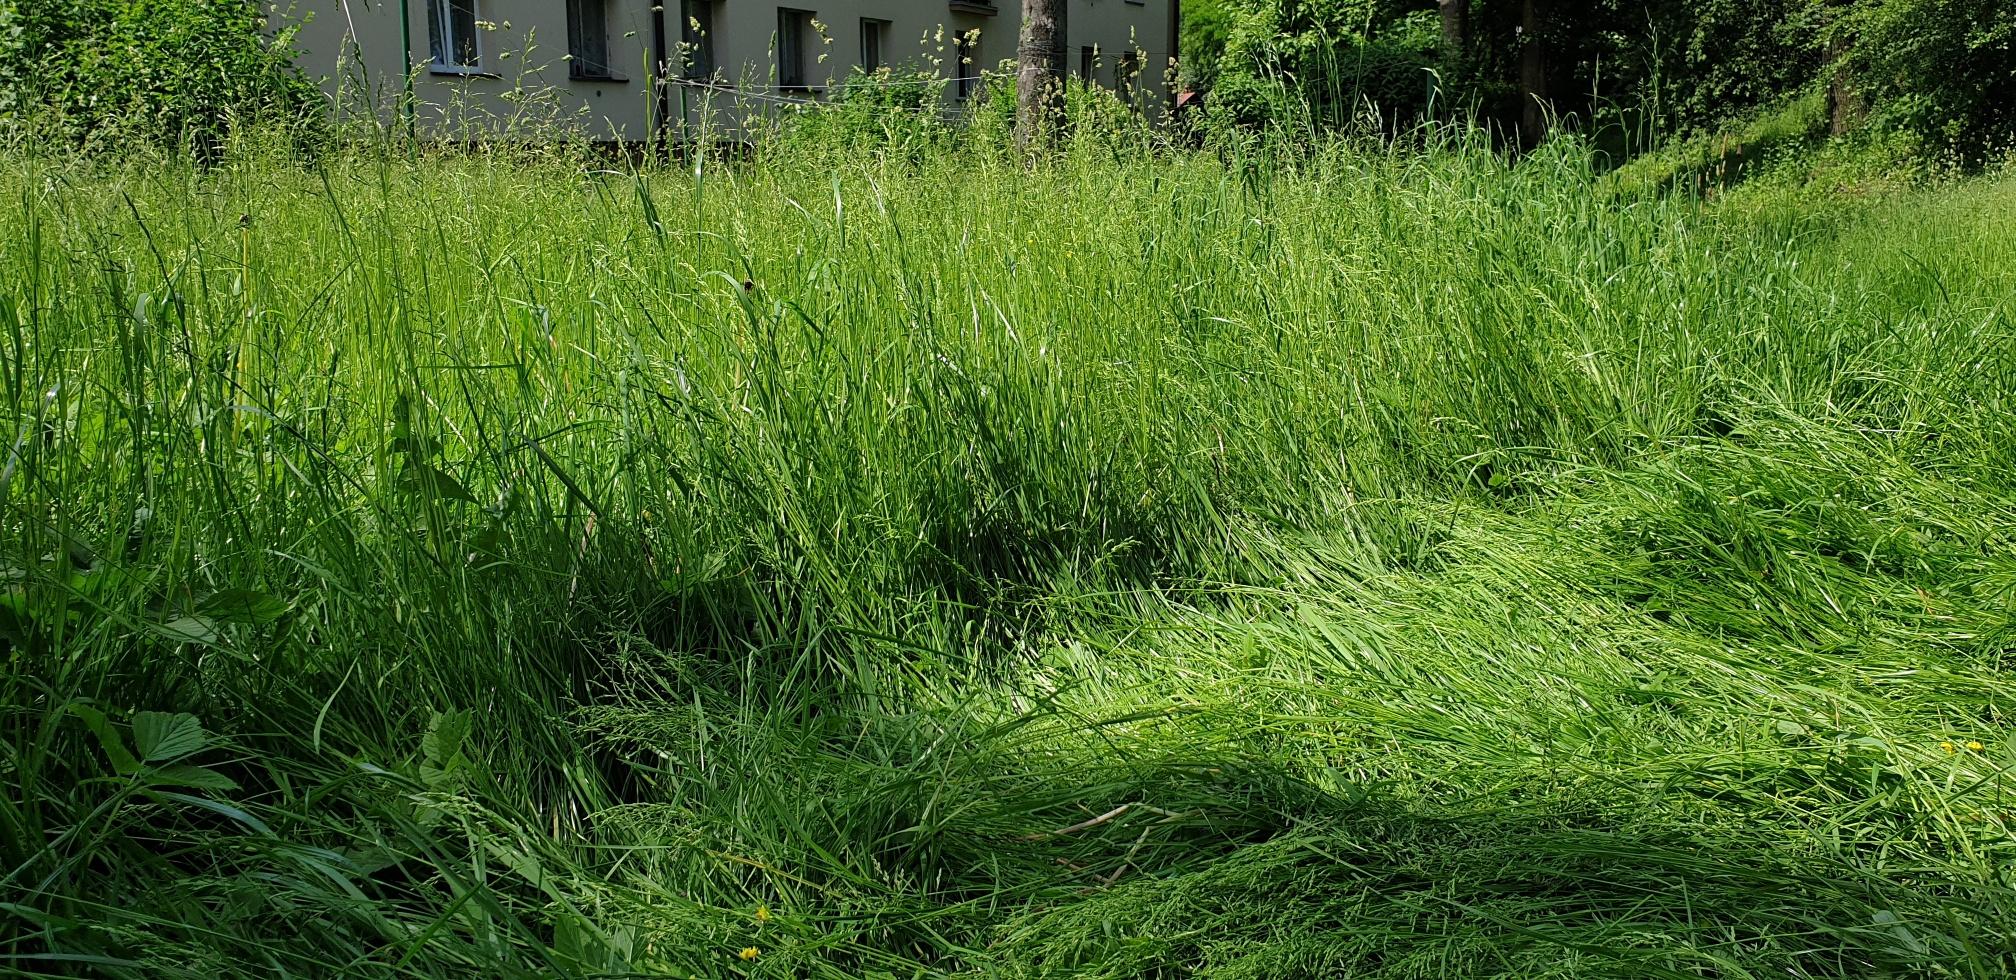 Po zabawie w wysokiej trawie dziecko miało aż 9 kleszczy!